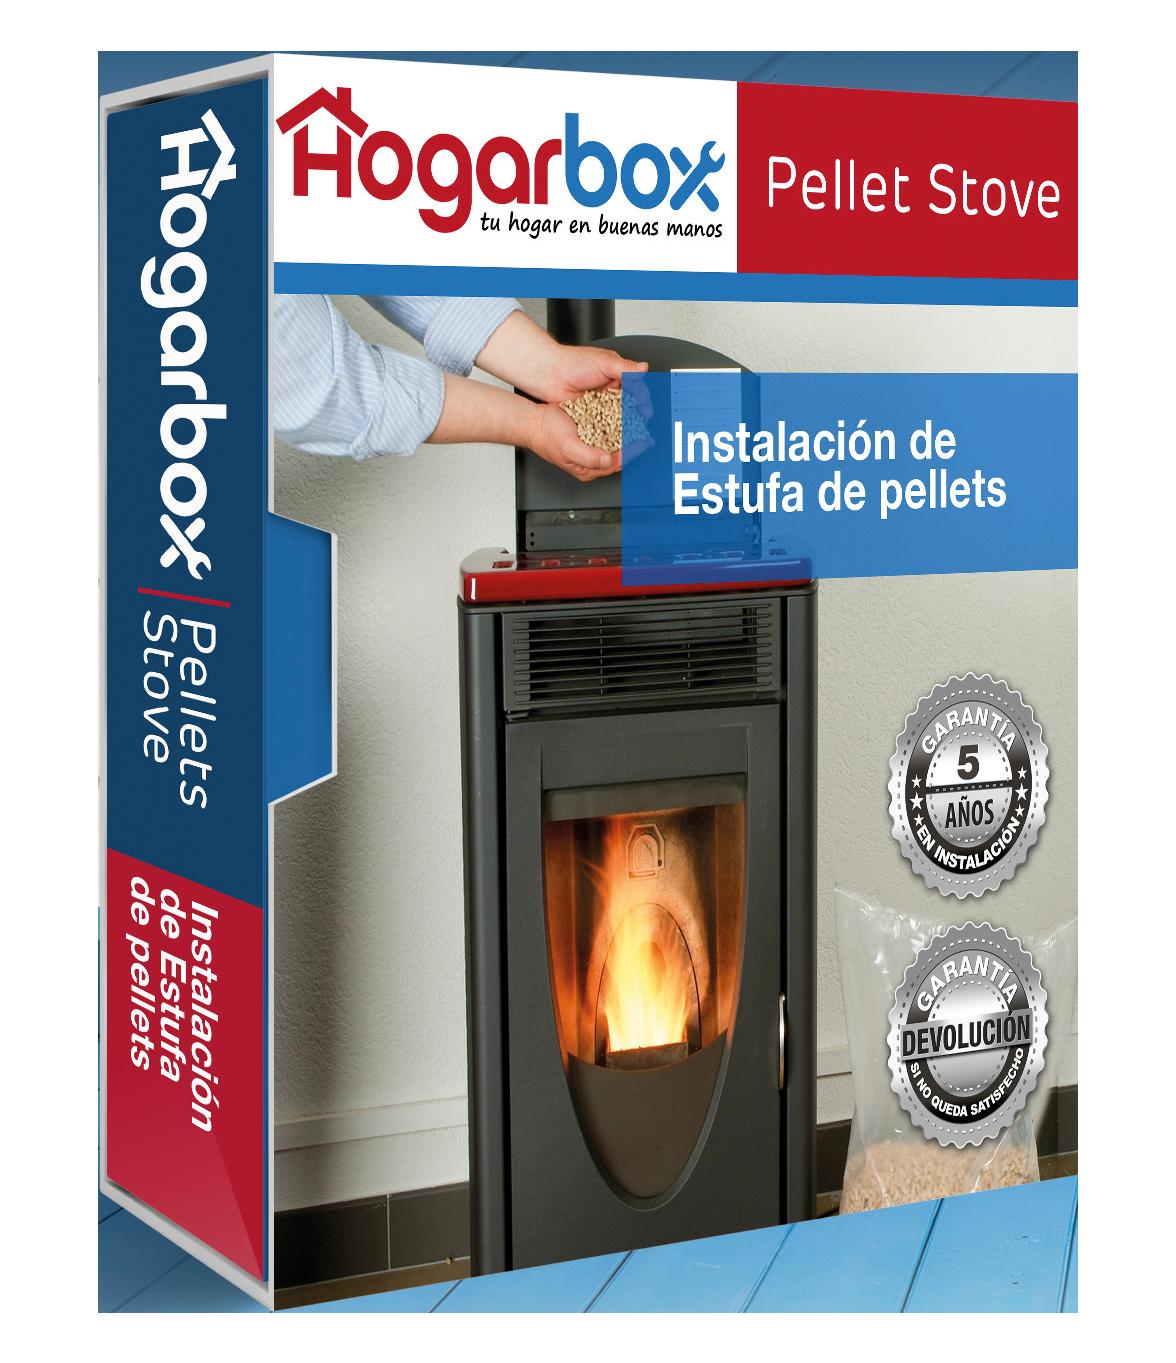 Hogarbox pellet stove instalaci n de estufa de pellets - Instalacion estufas pellets ...